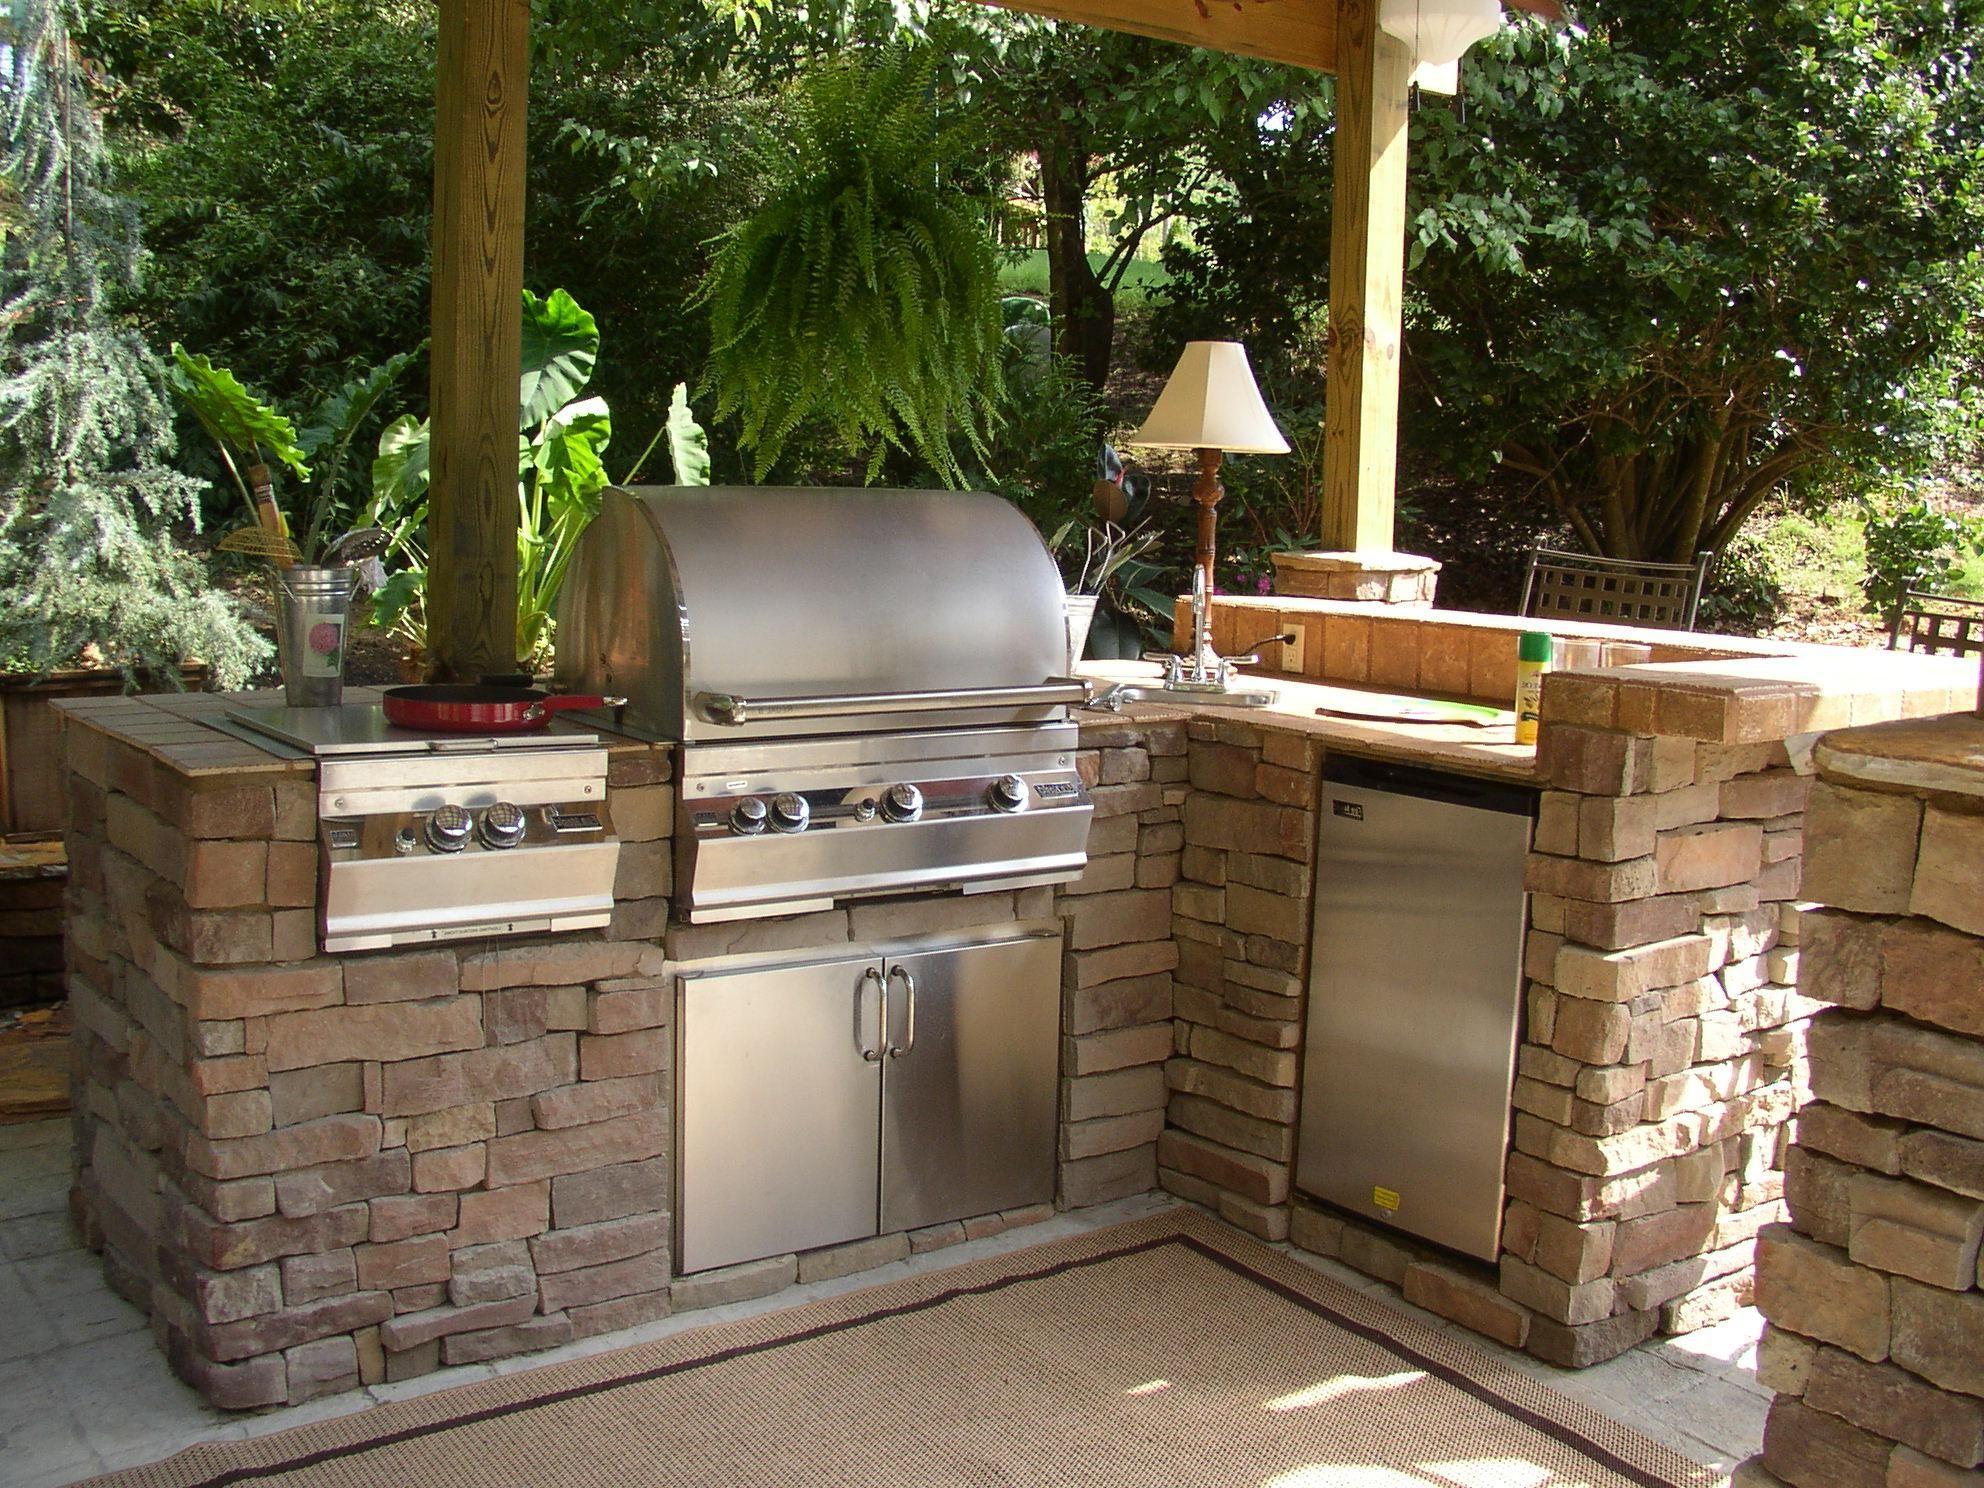 Astonishing Outdoor Summer Kitchen Ideas Of Kitchen:outdoor ...